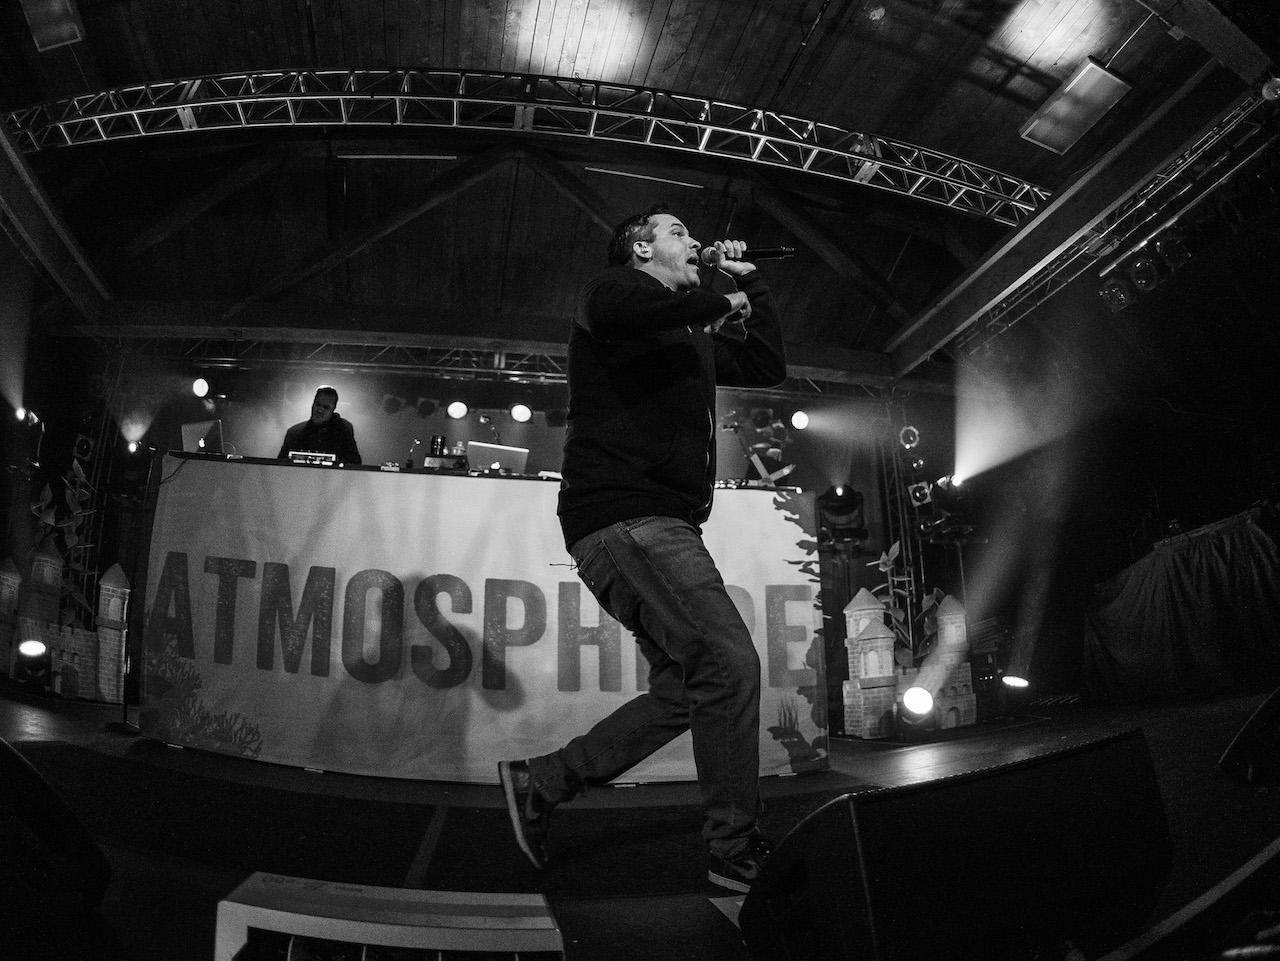 atmosphere_8